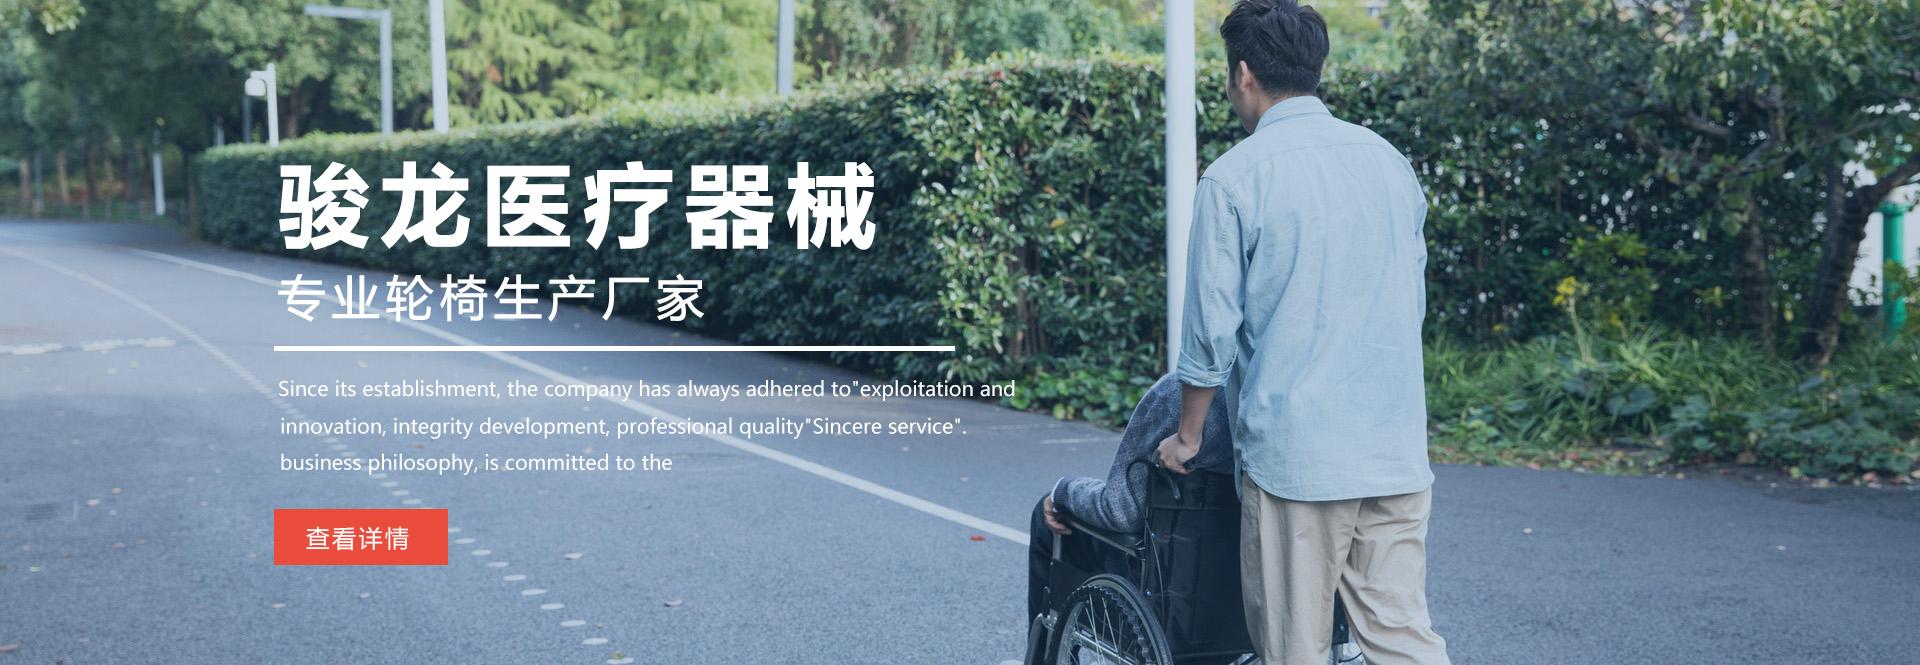 电动轮椅生产商